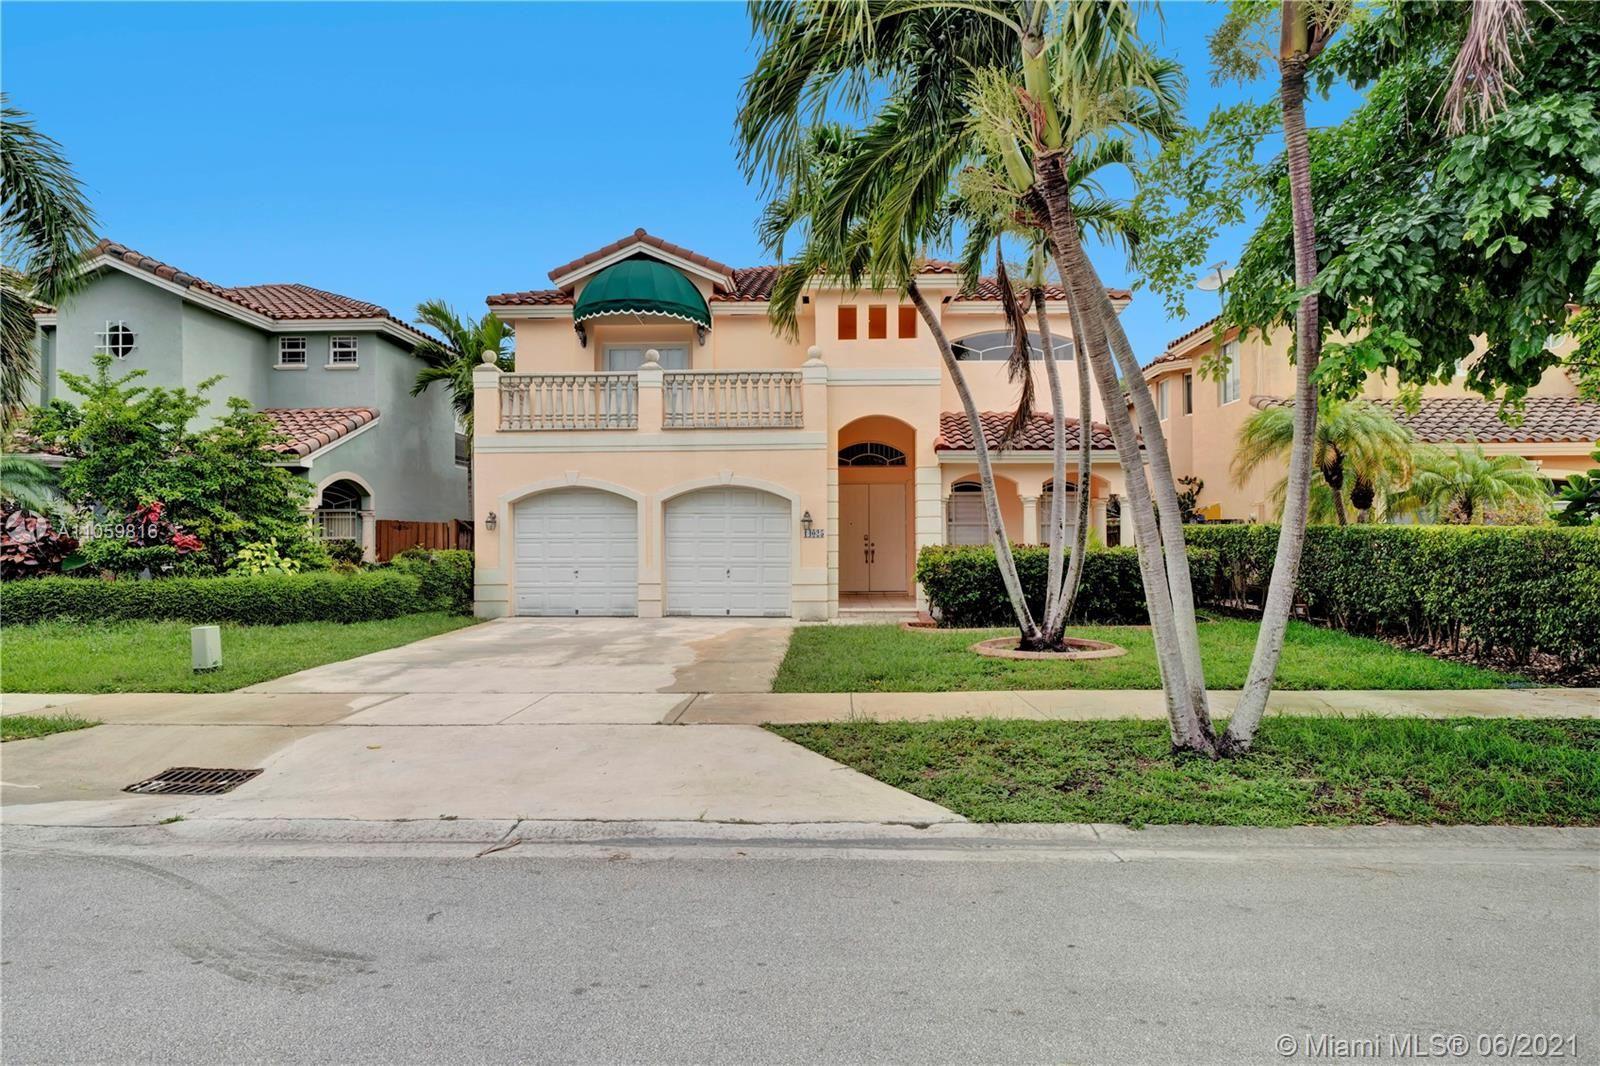 14025 SW 154th St, Miami, FL 33177 - #: A11059816